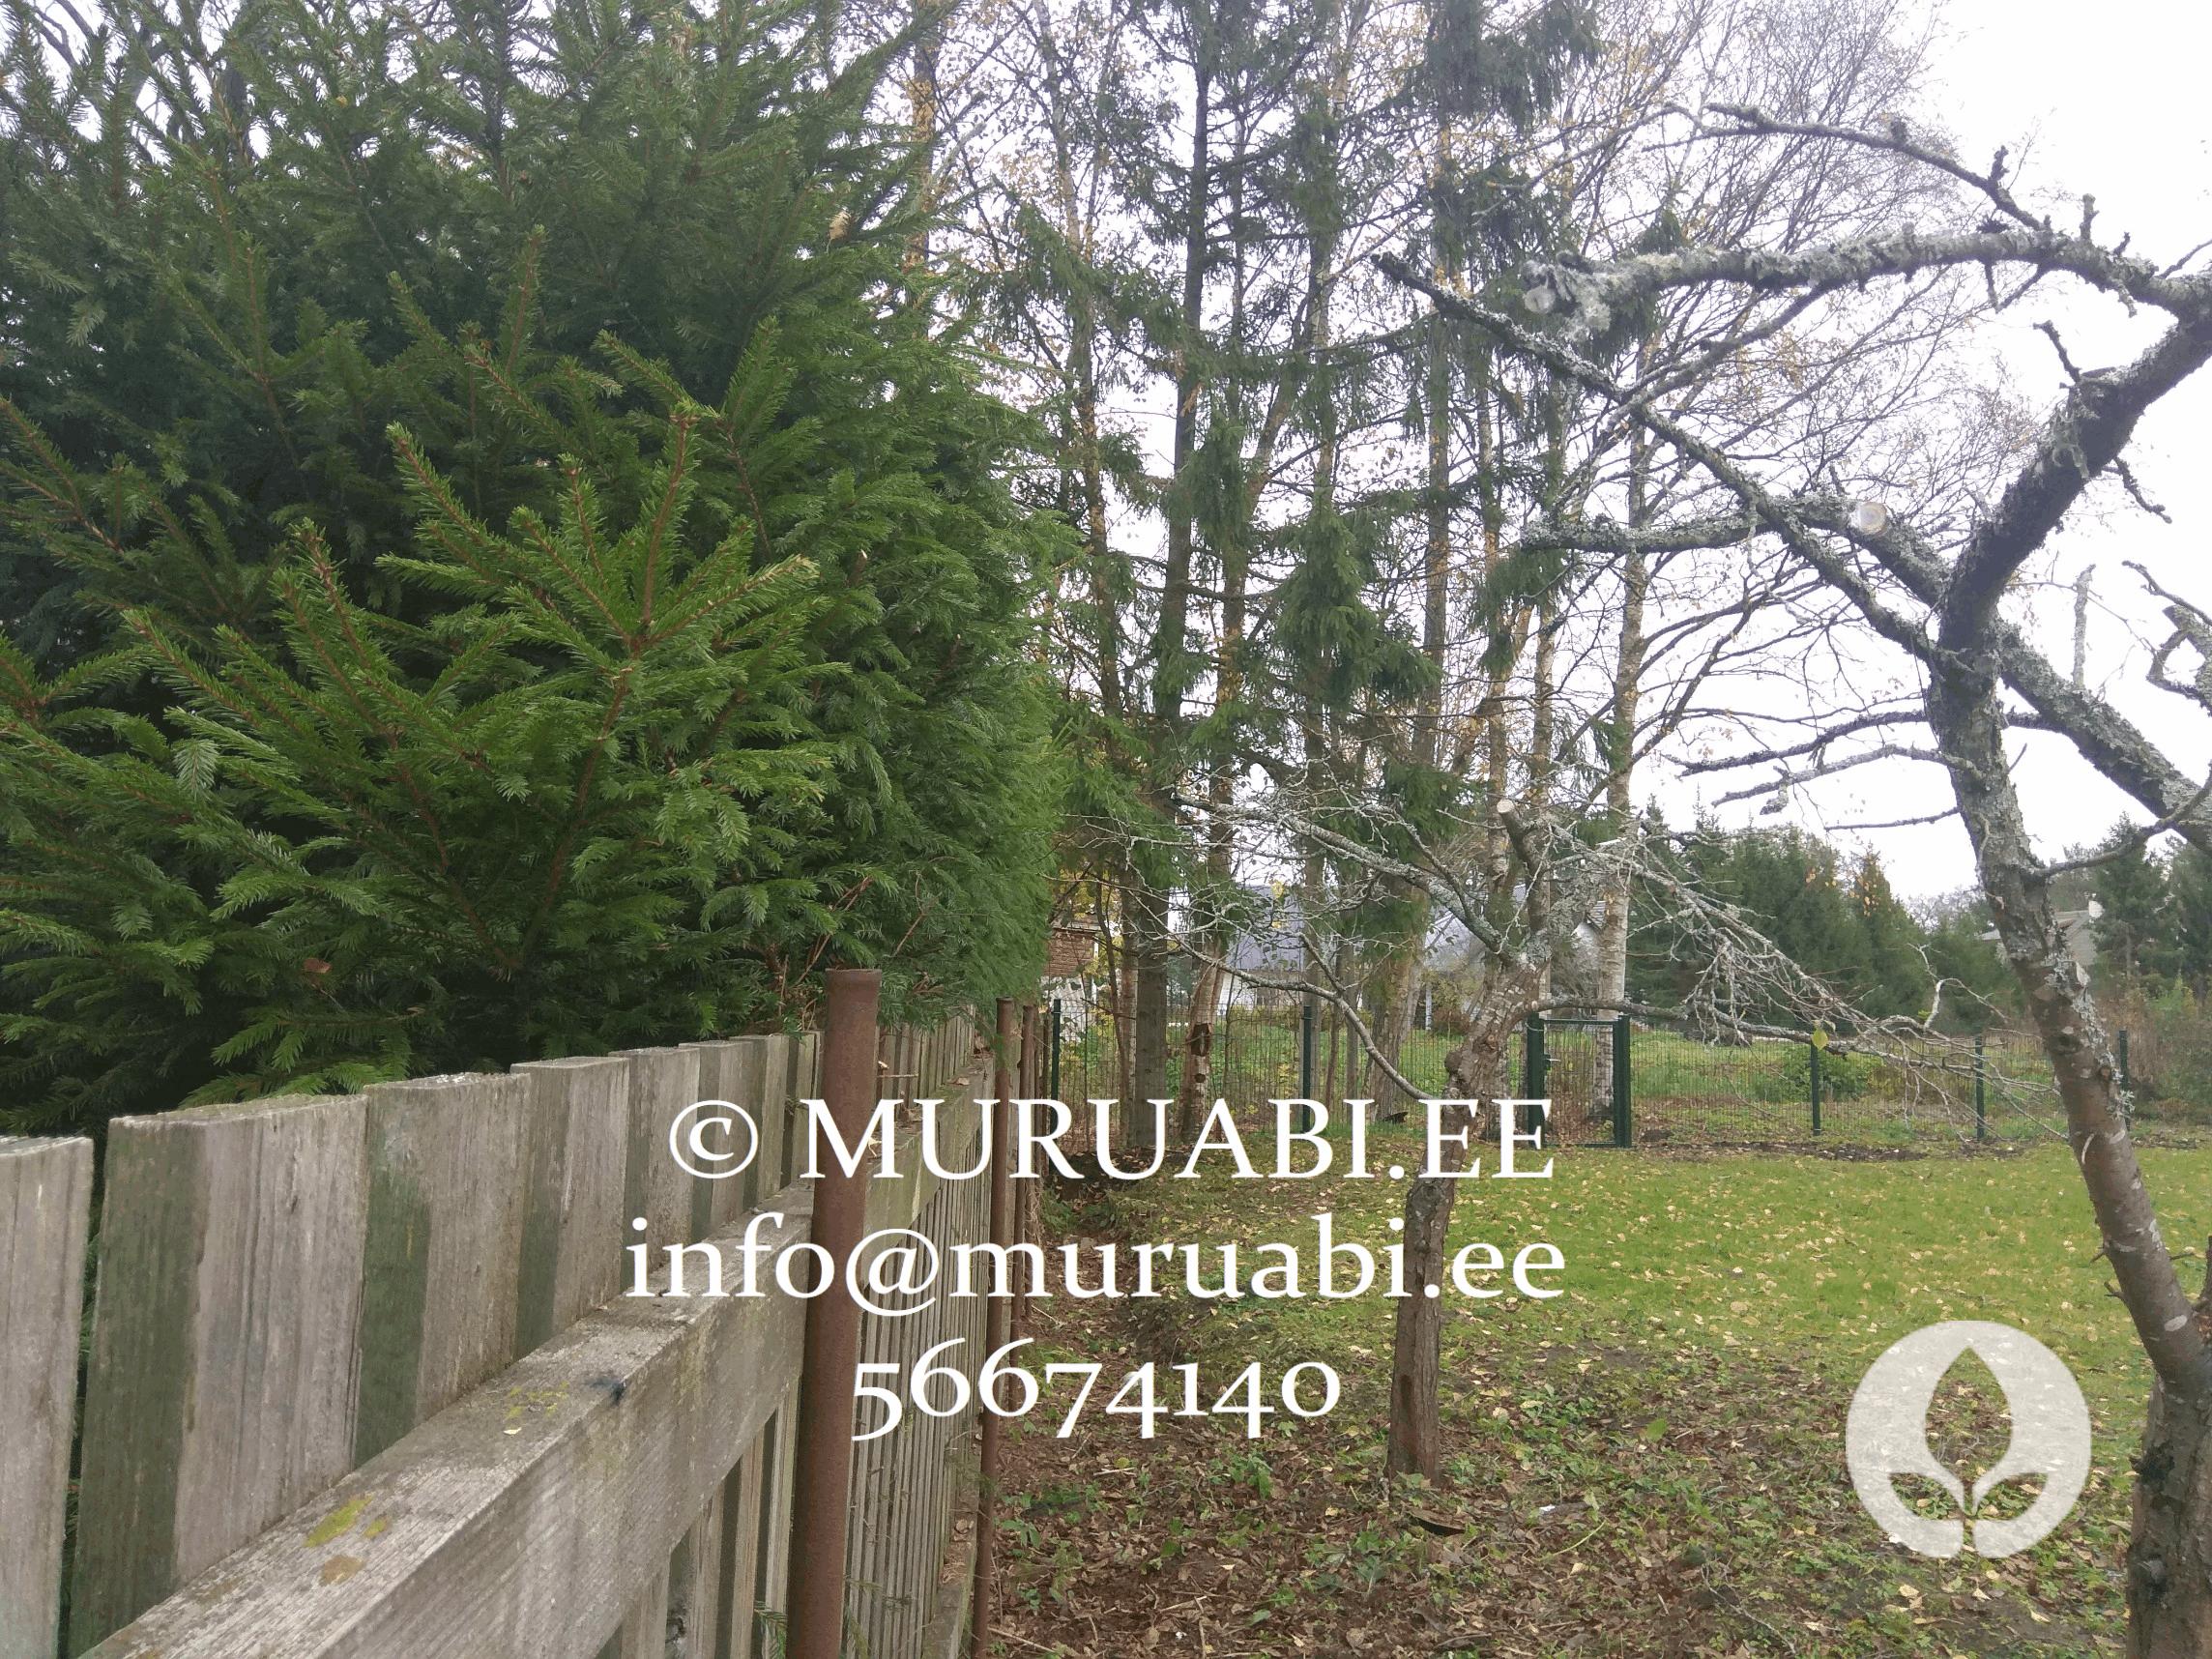 Hekkide piiramine, viljapuude lõikus. Kõik aiatööd Muruabilt!